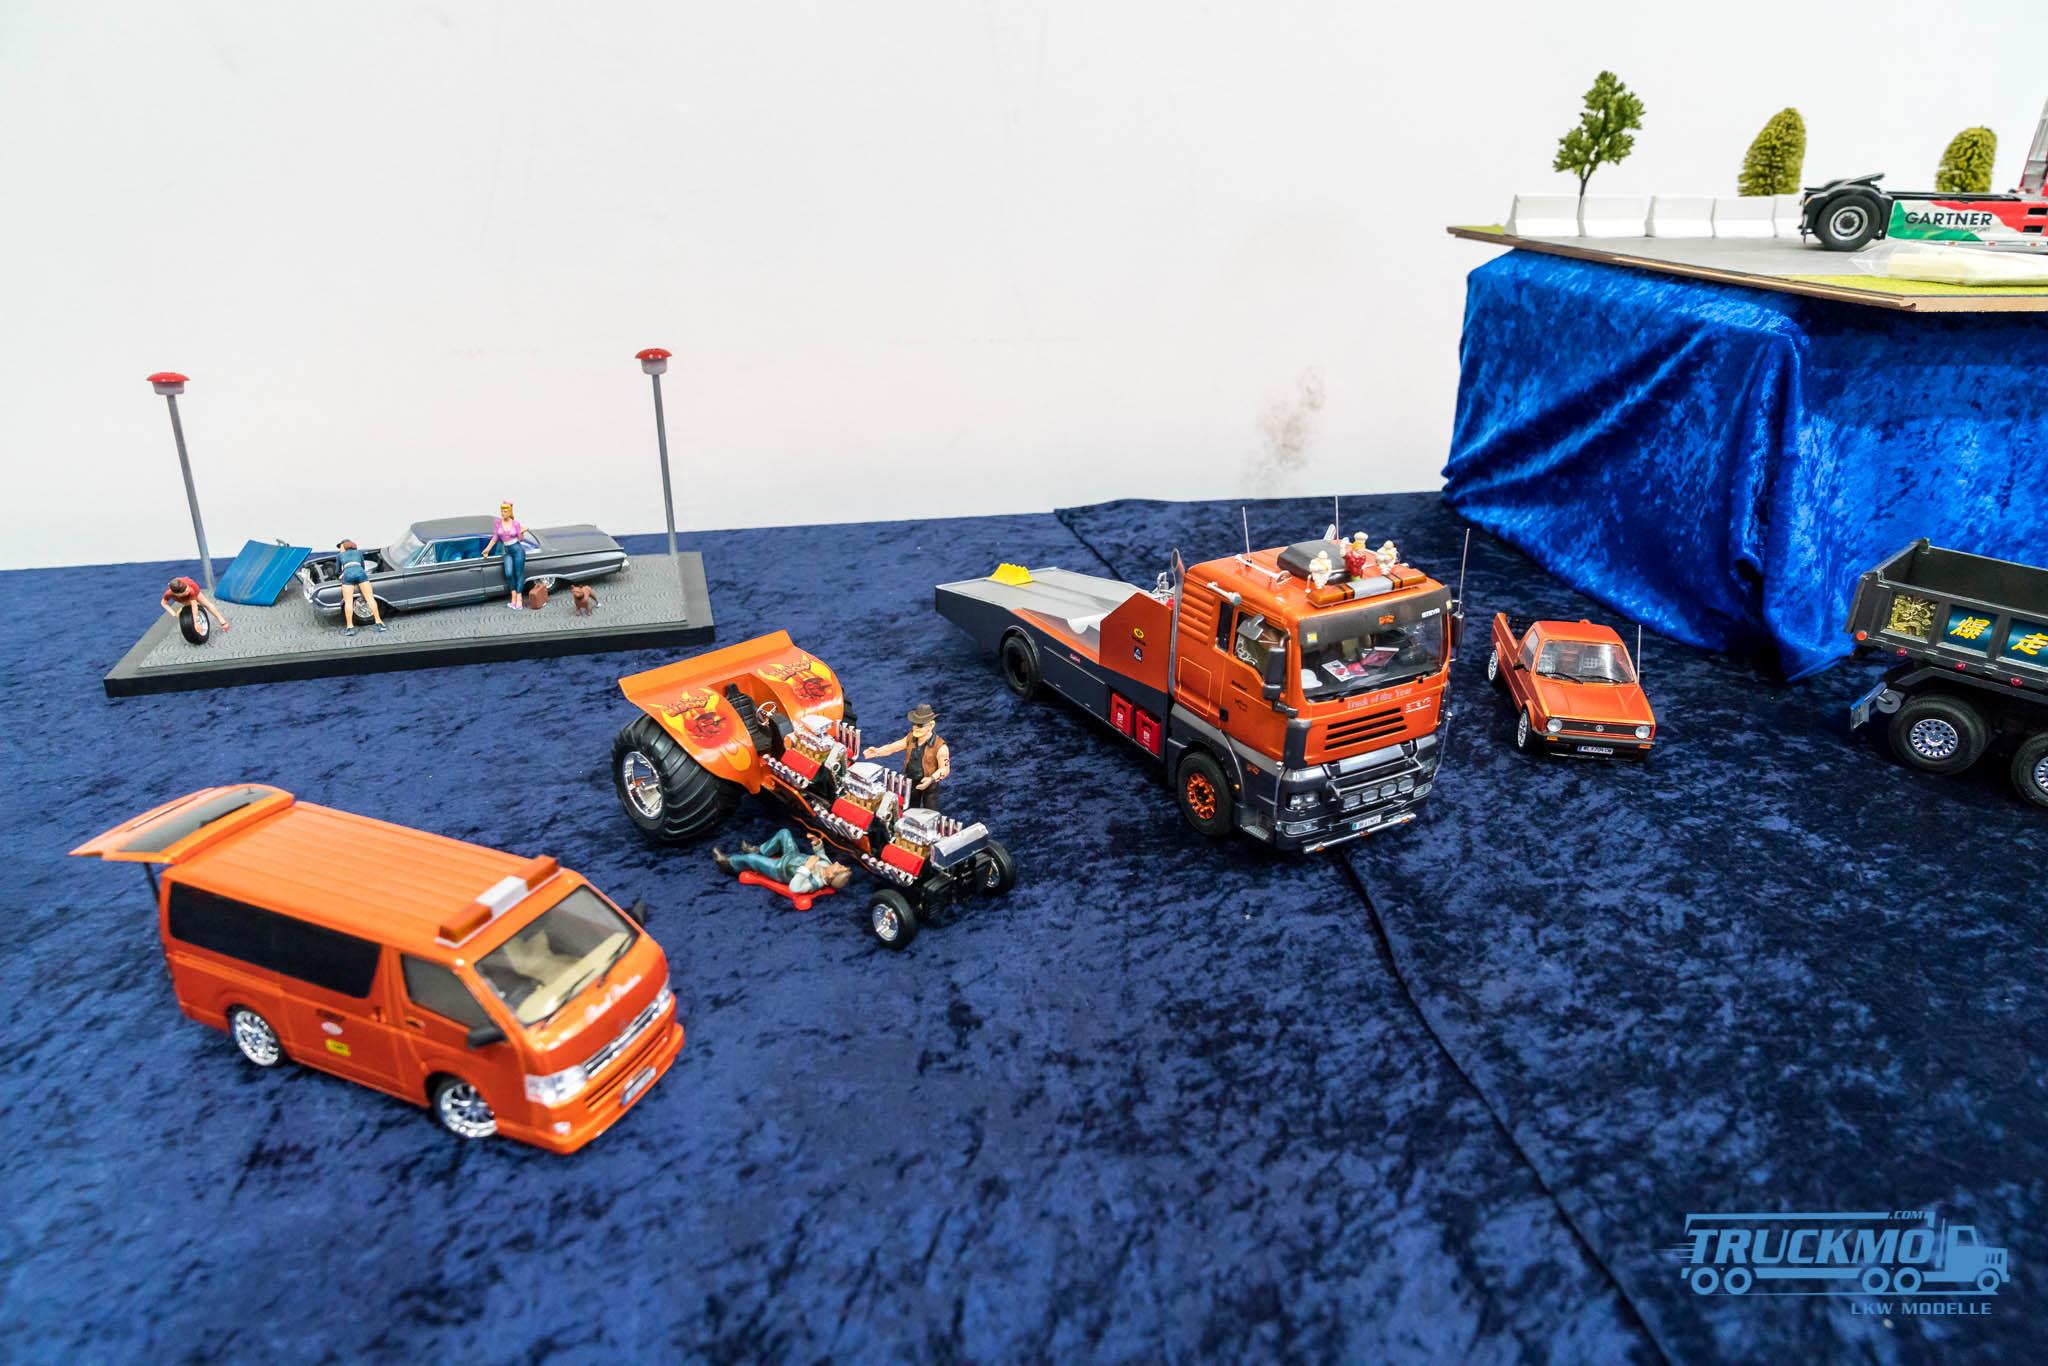 Truckmo_Modellbau_Ried_2017_Herpa_Messe_Modellbauausstellung (303 von 1177)